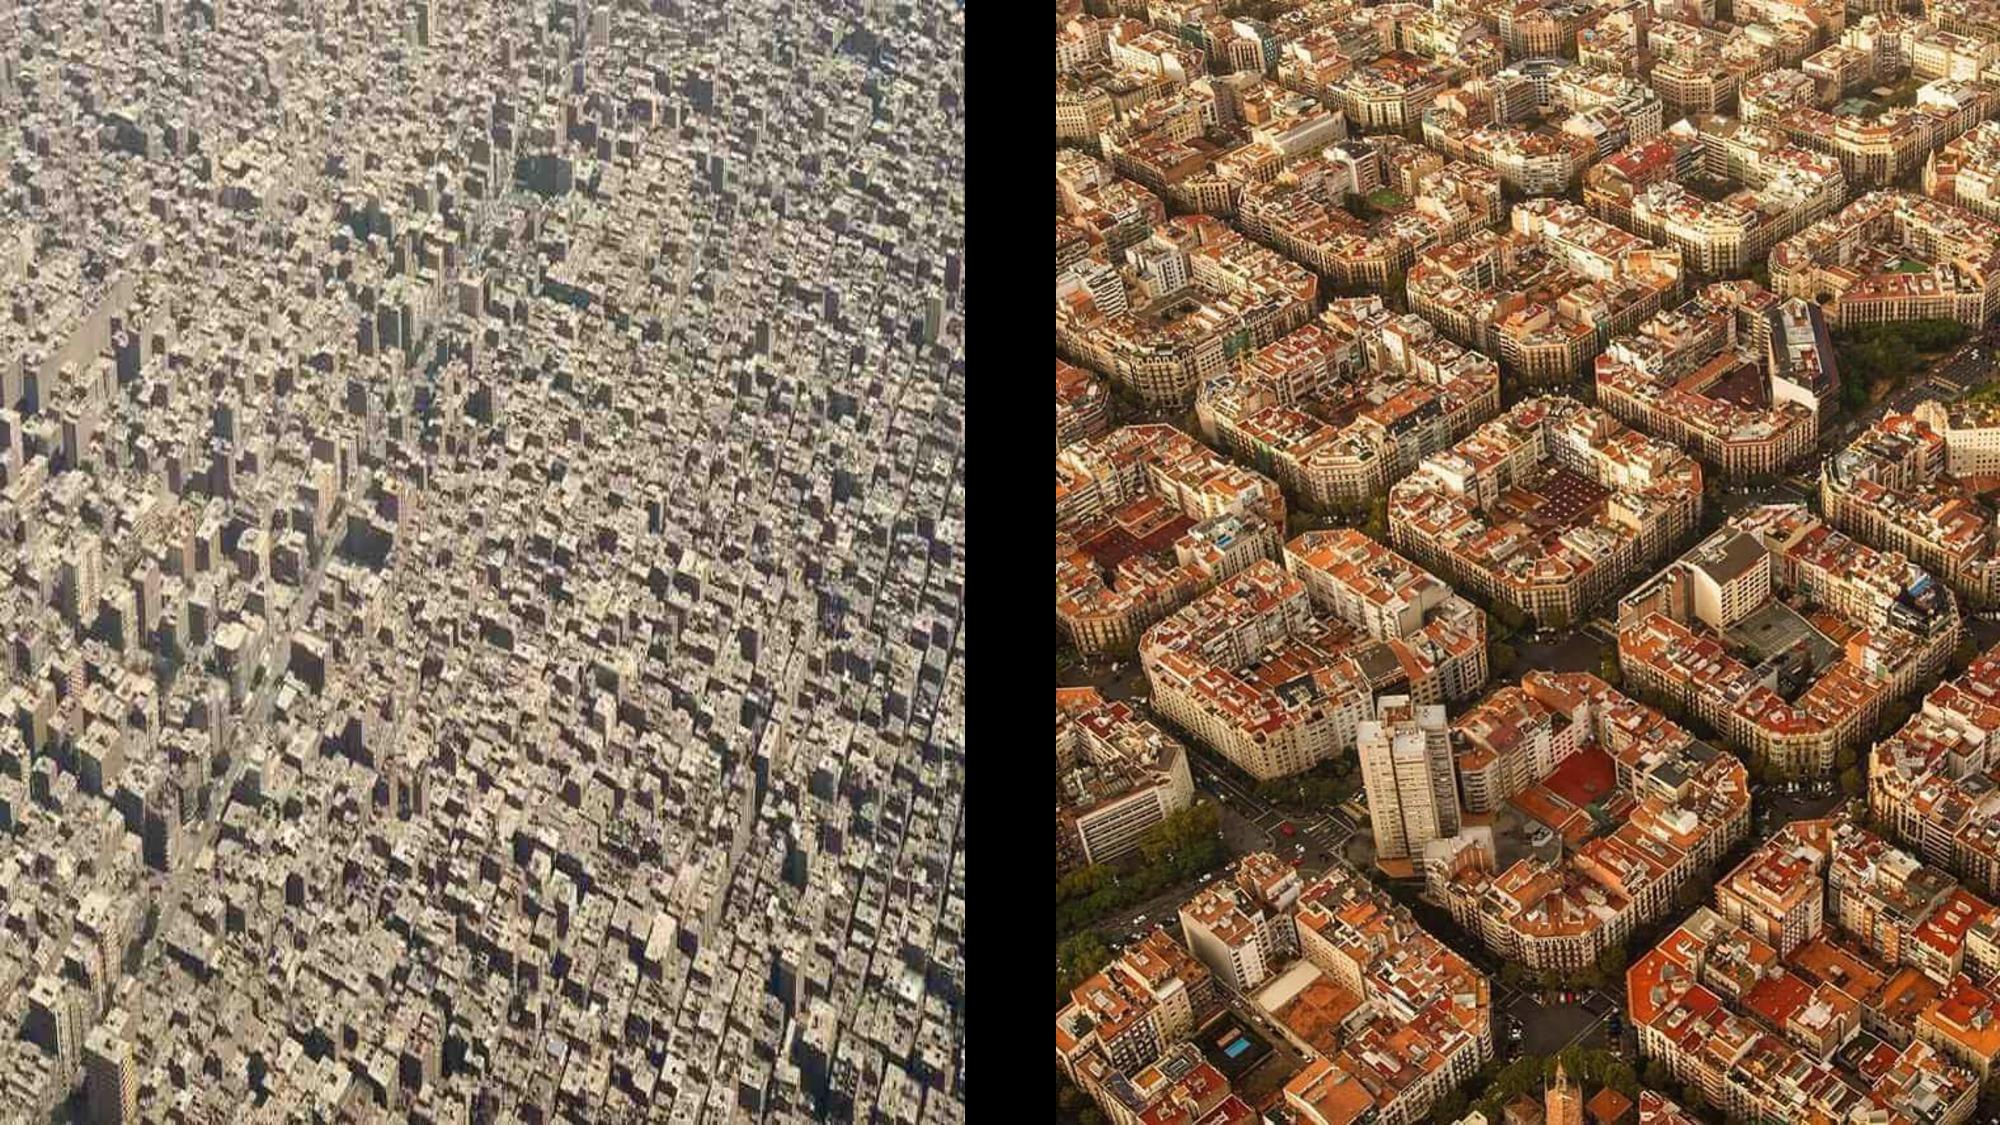 صورة لمدينة مخططة واخرى بنيت بعشوائية